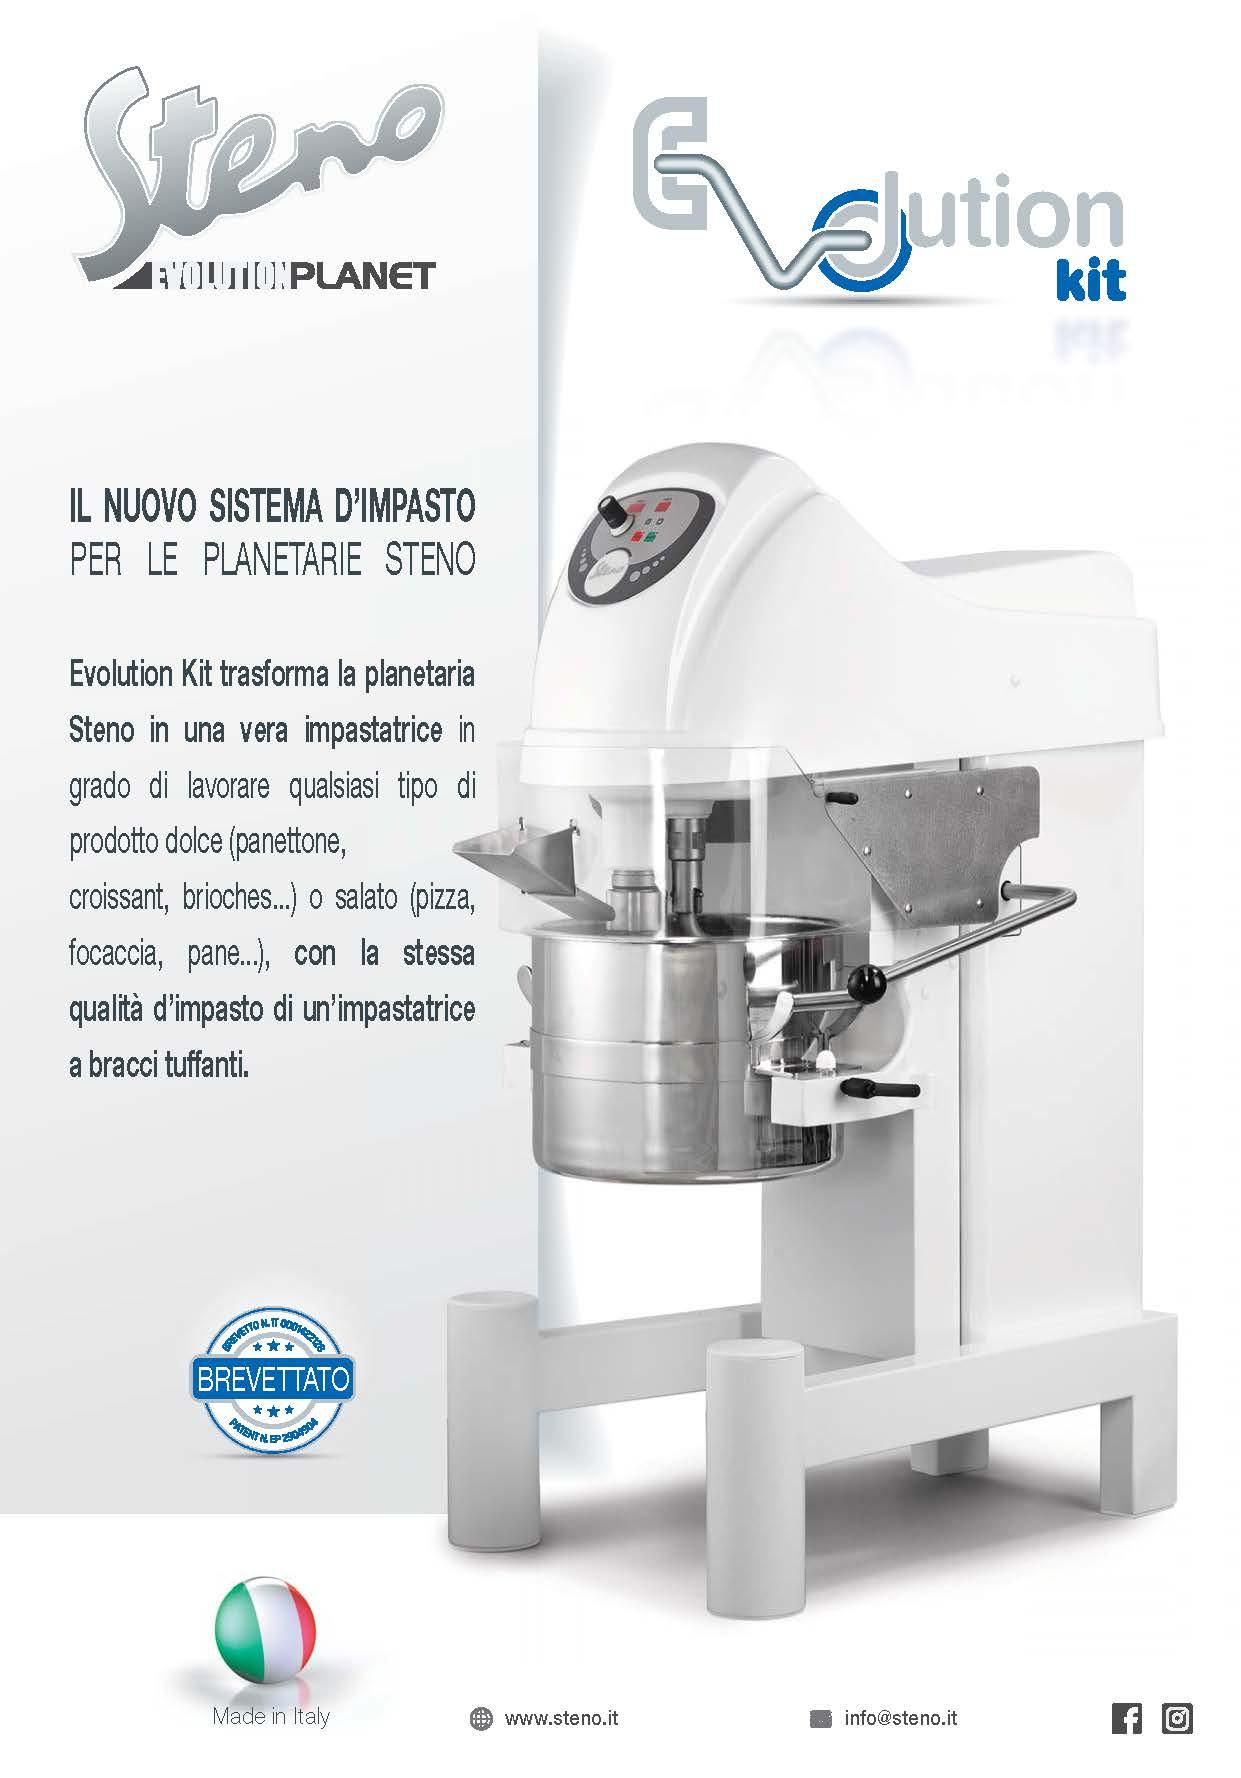 Steno – Evolution Kit